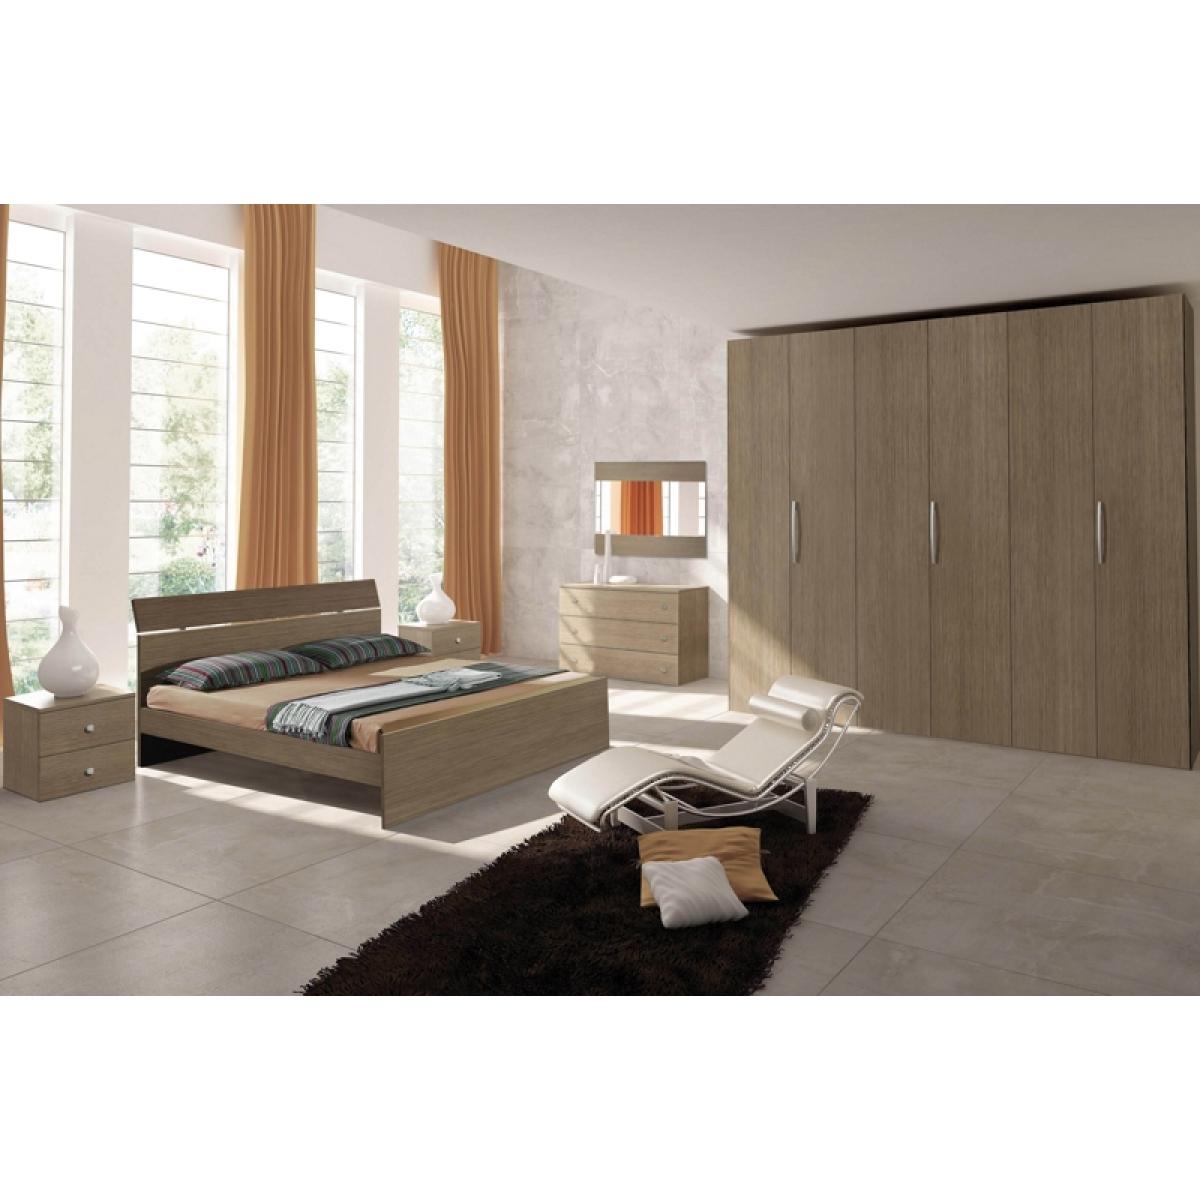 387 camera da letto completa moderna grigio larice - Camera da letto moderna completa ...